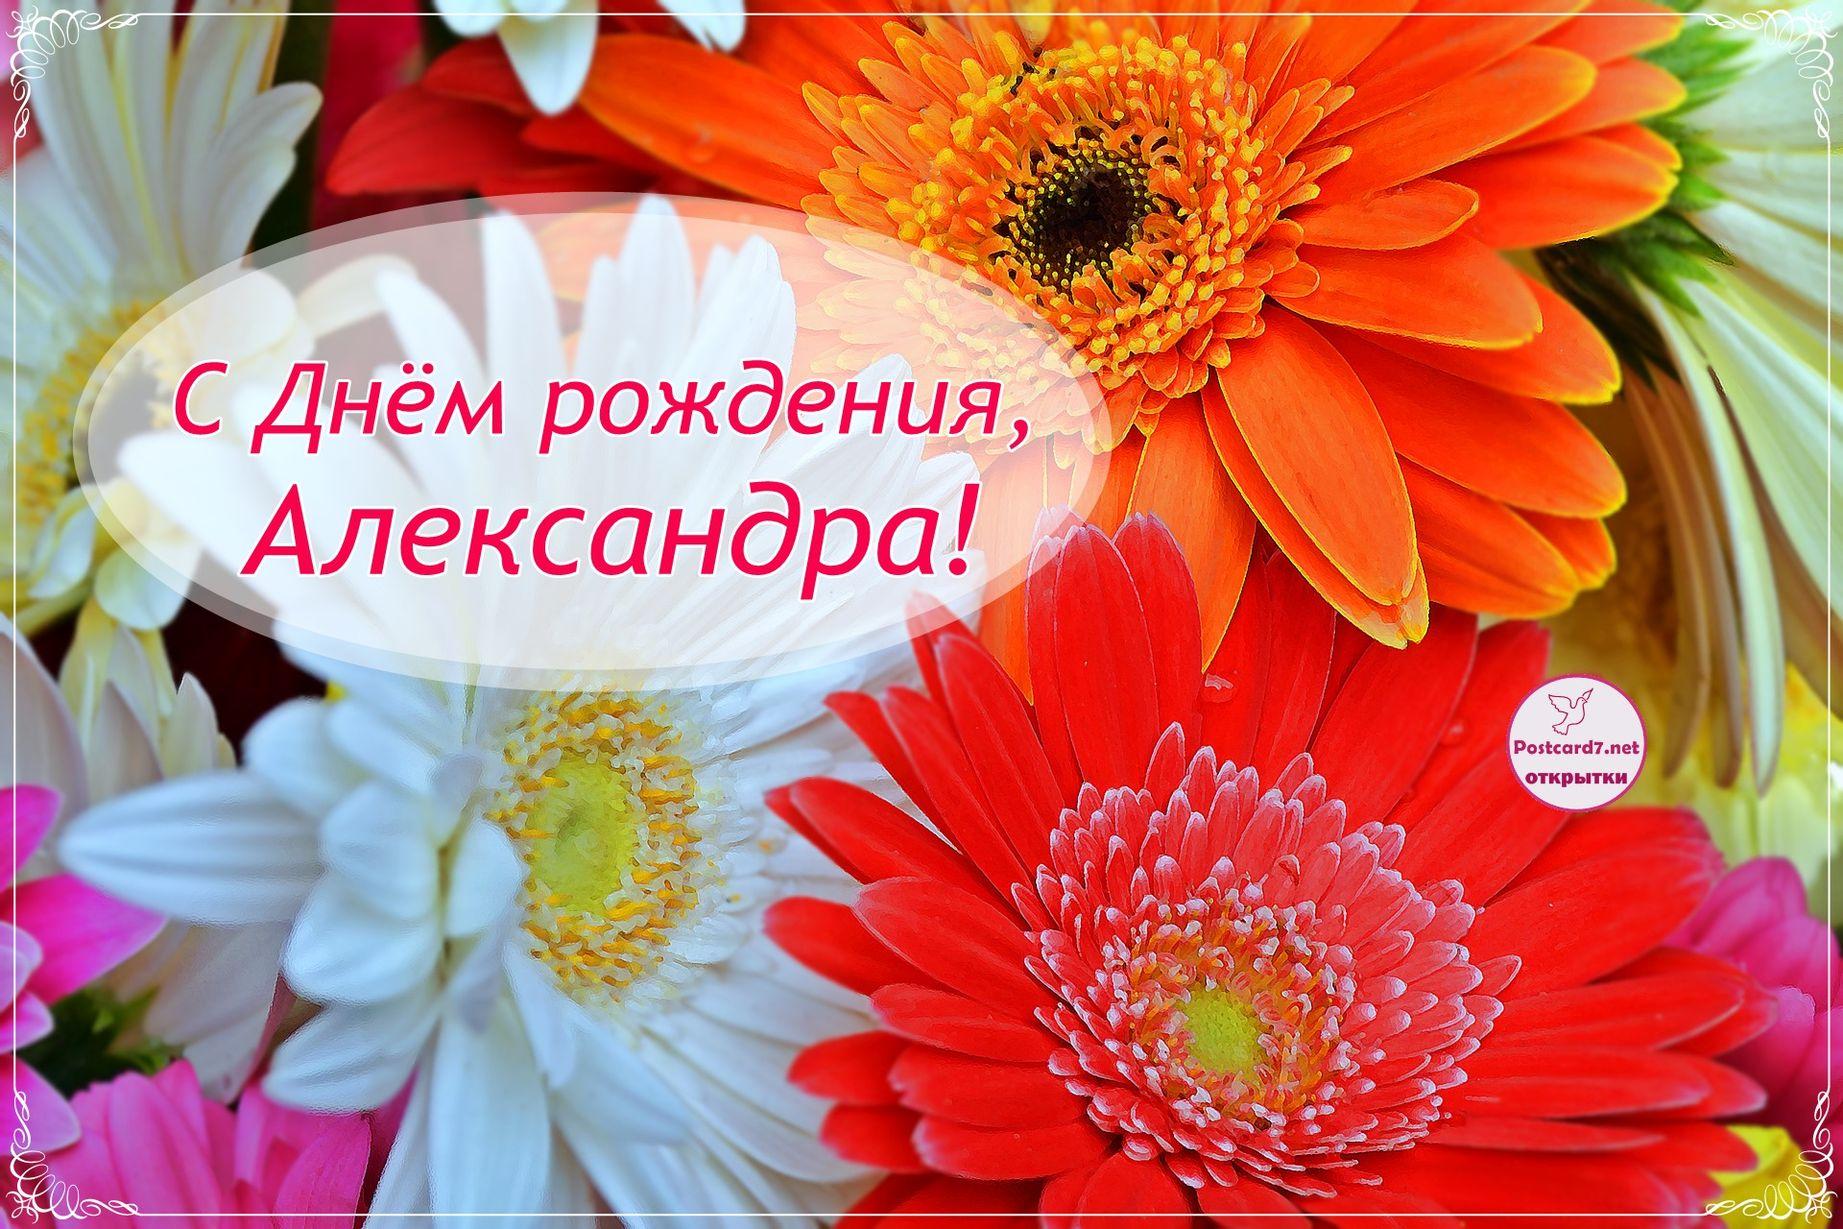 Поздравление с днем рождения для девочки сашеньки